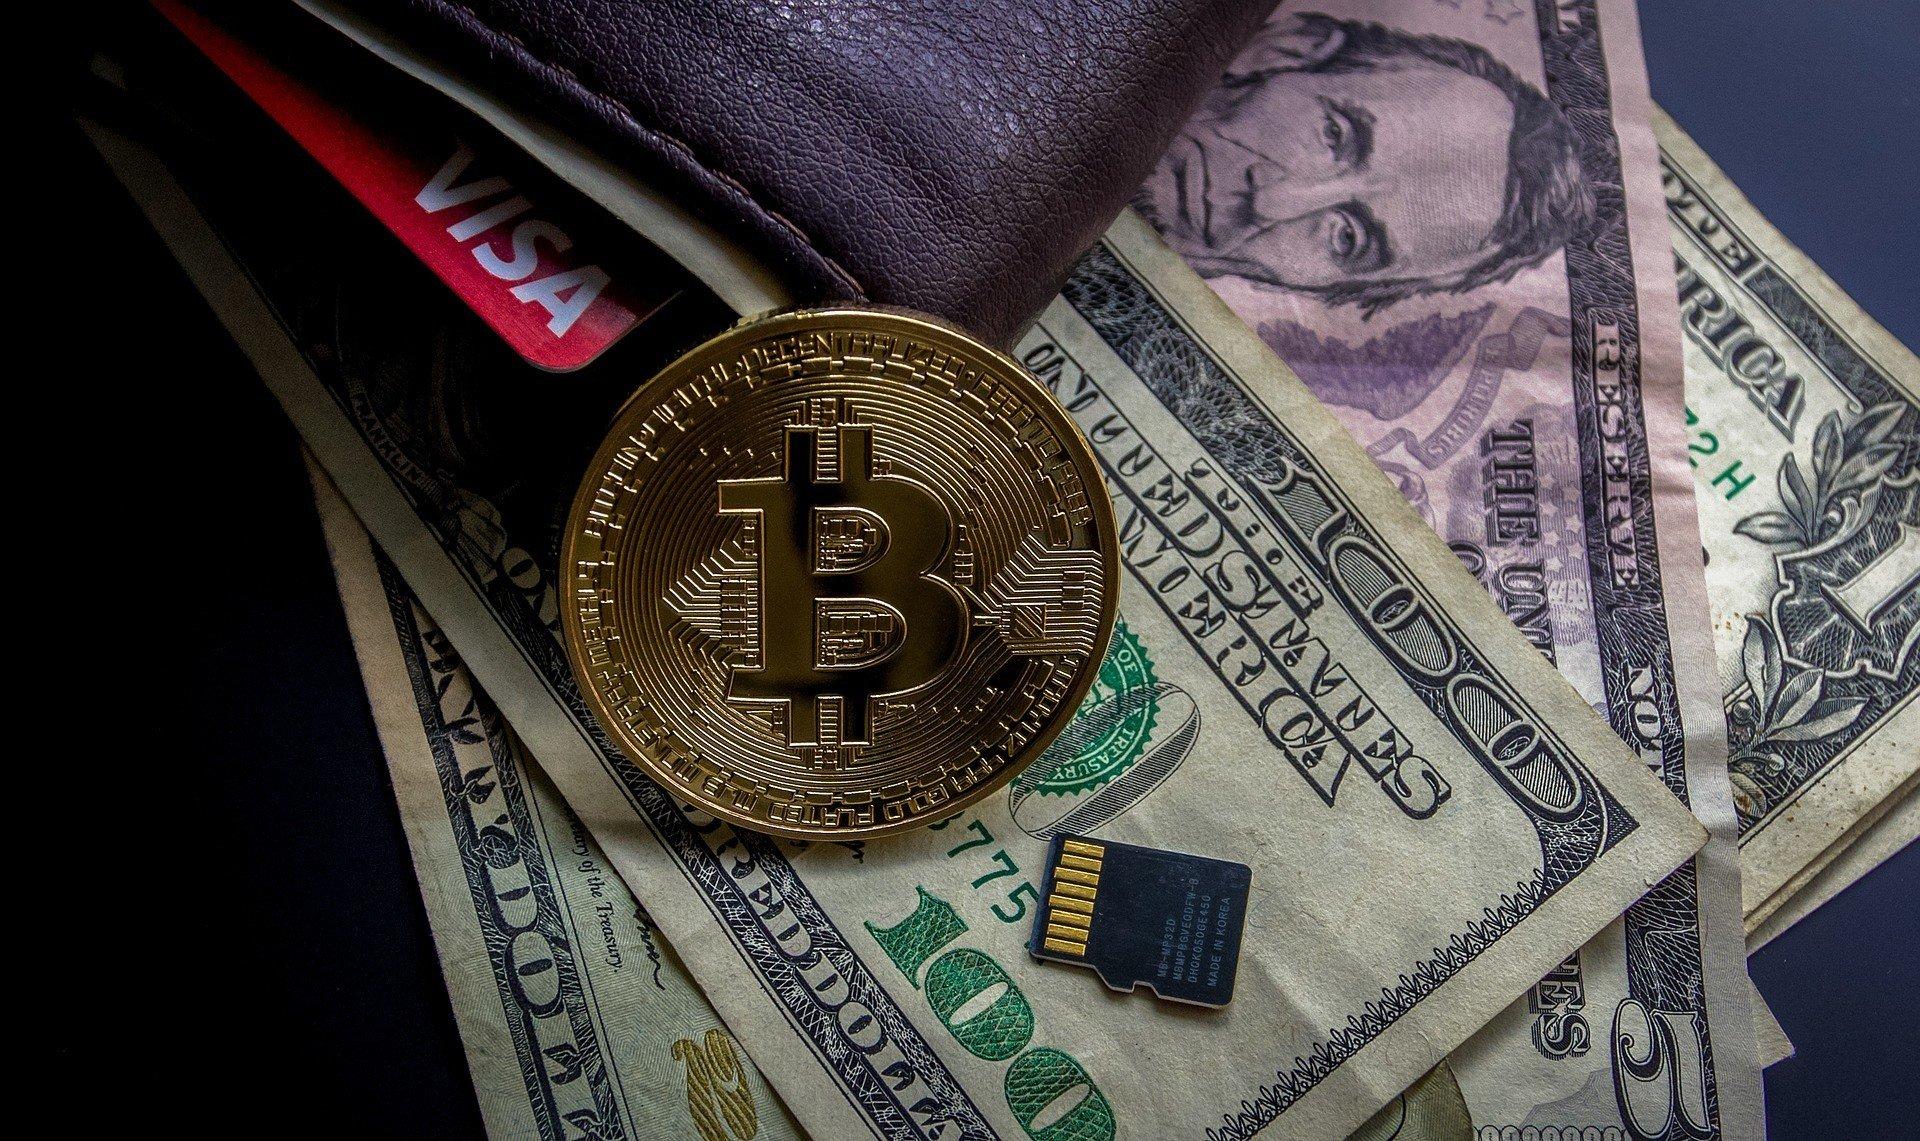 Інвестор спрогнозував бурхливе зростання криптовалюти